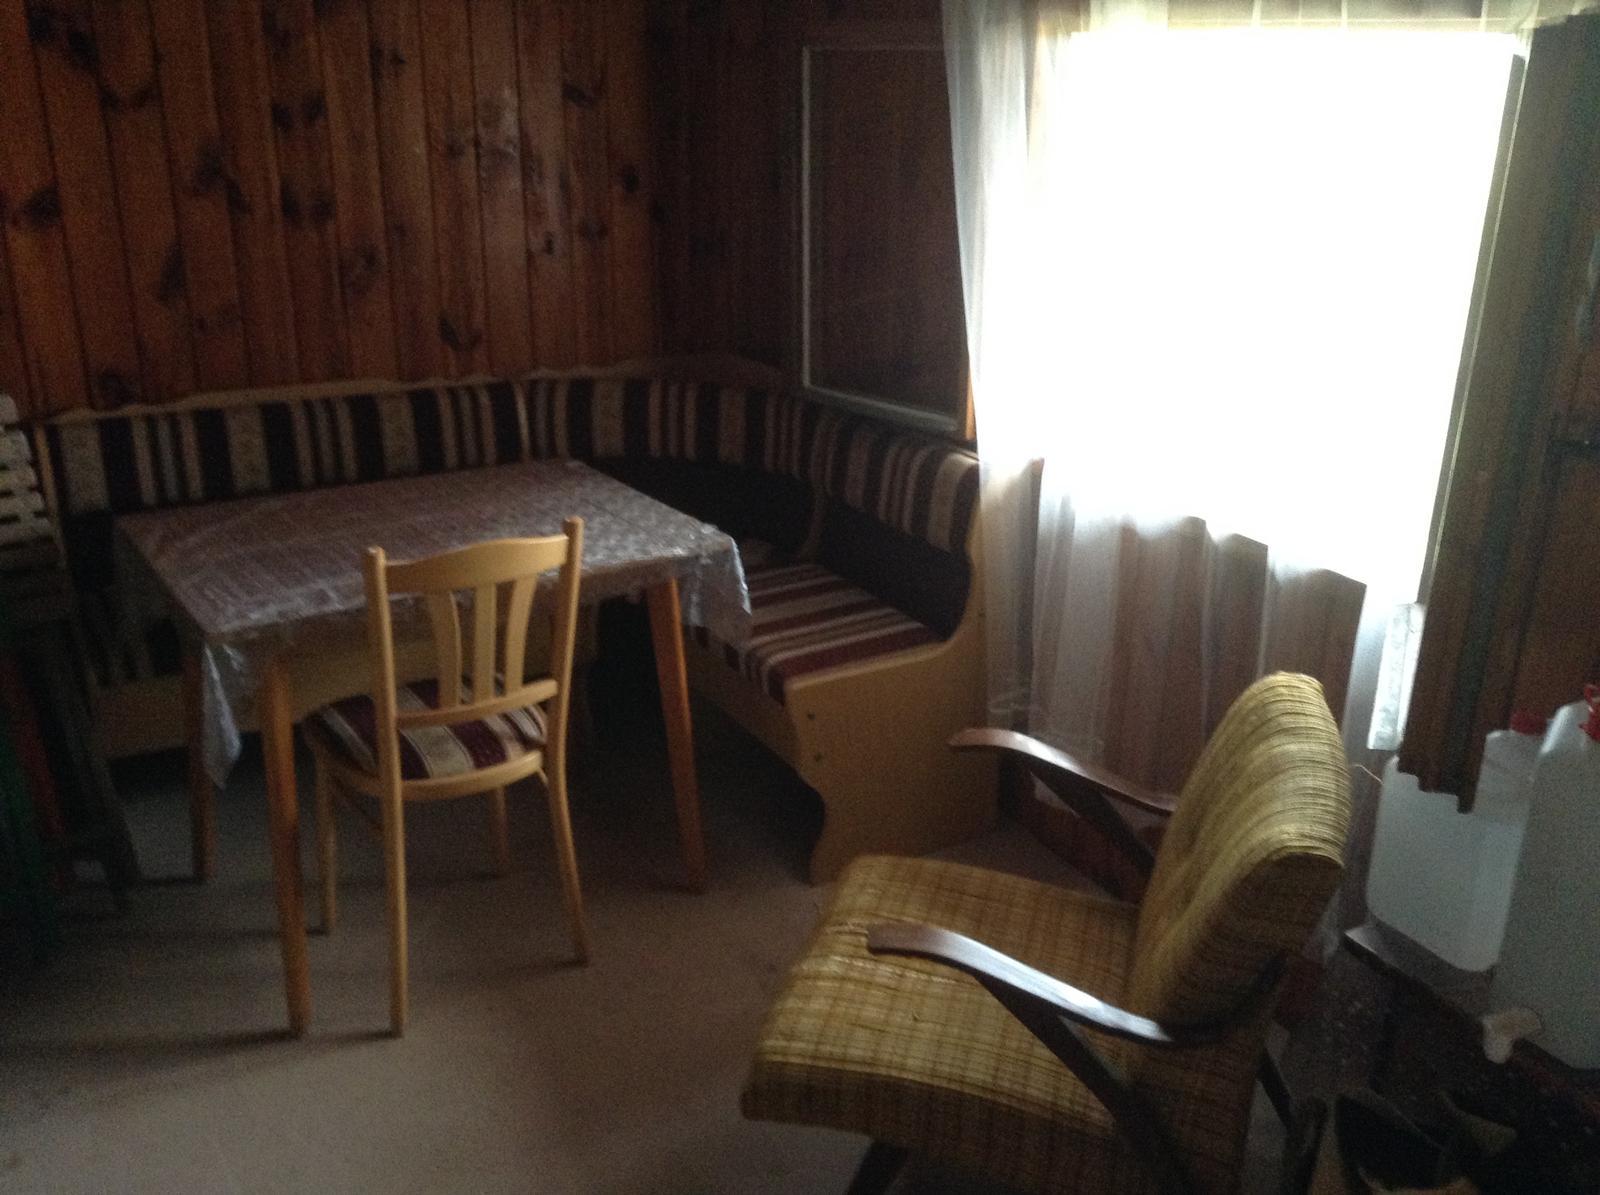 """""""Domček"""" - malá zmena umiestnenia nábytku a veľká zmena celkového dojmu interiéru"""